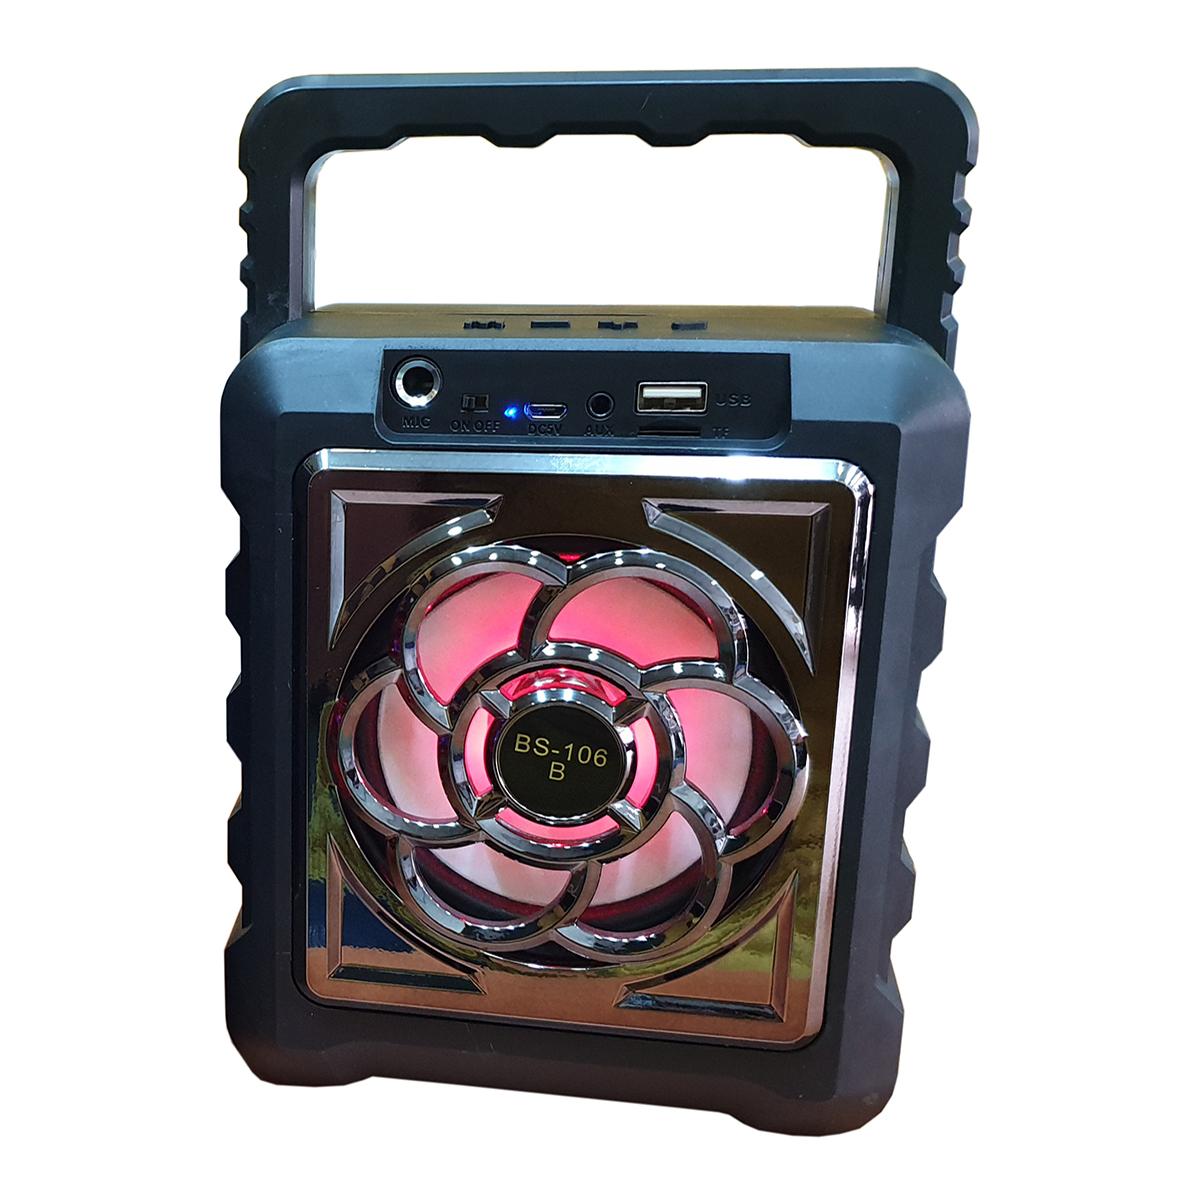 Loa nghe nhạc Mini Bluetooth có tích hợp chức năng Karaoke BS-106 JL (Tặng kèm Micro có dây)